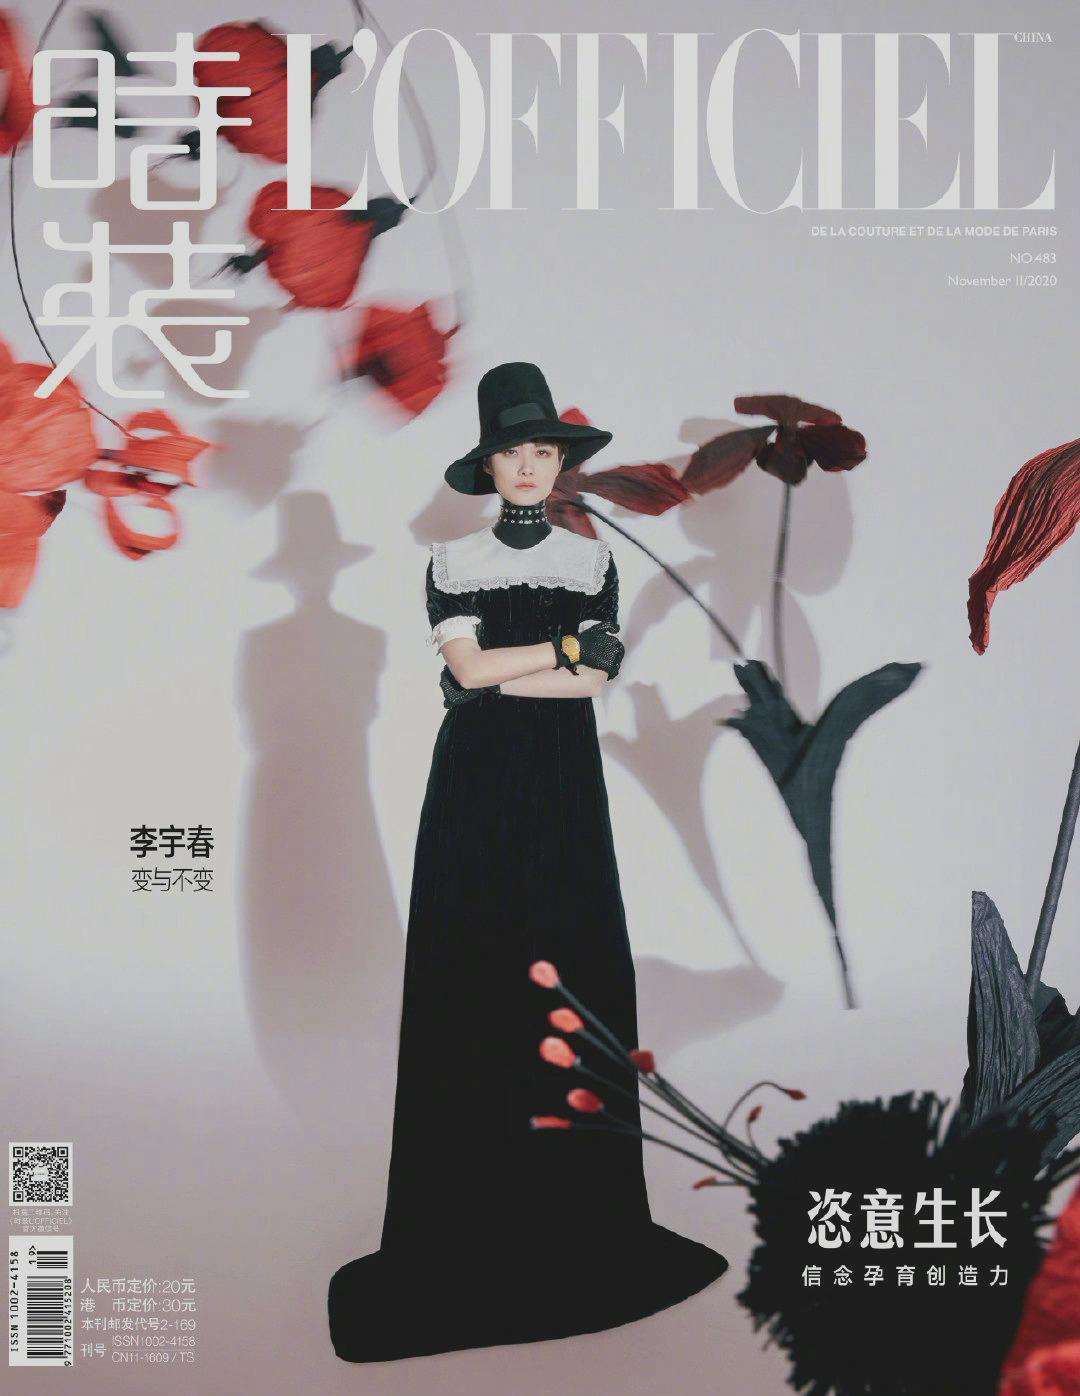 李宇春 时装 L'OFFICIEL 十一月刊双封面大片 复古造型在变化中不断